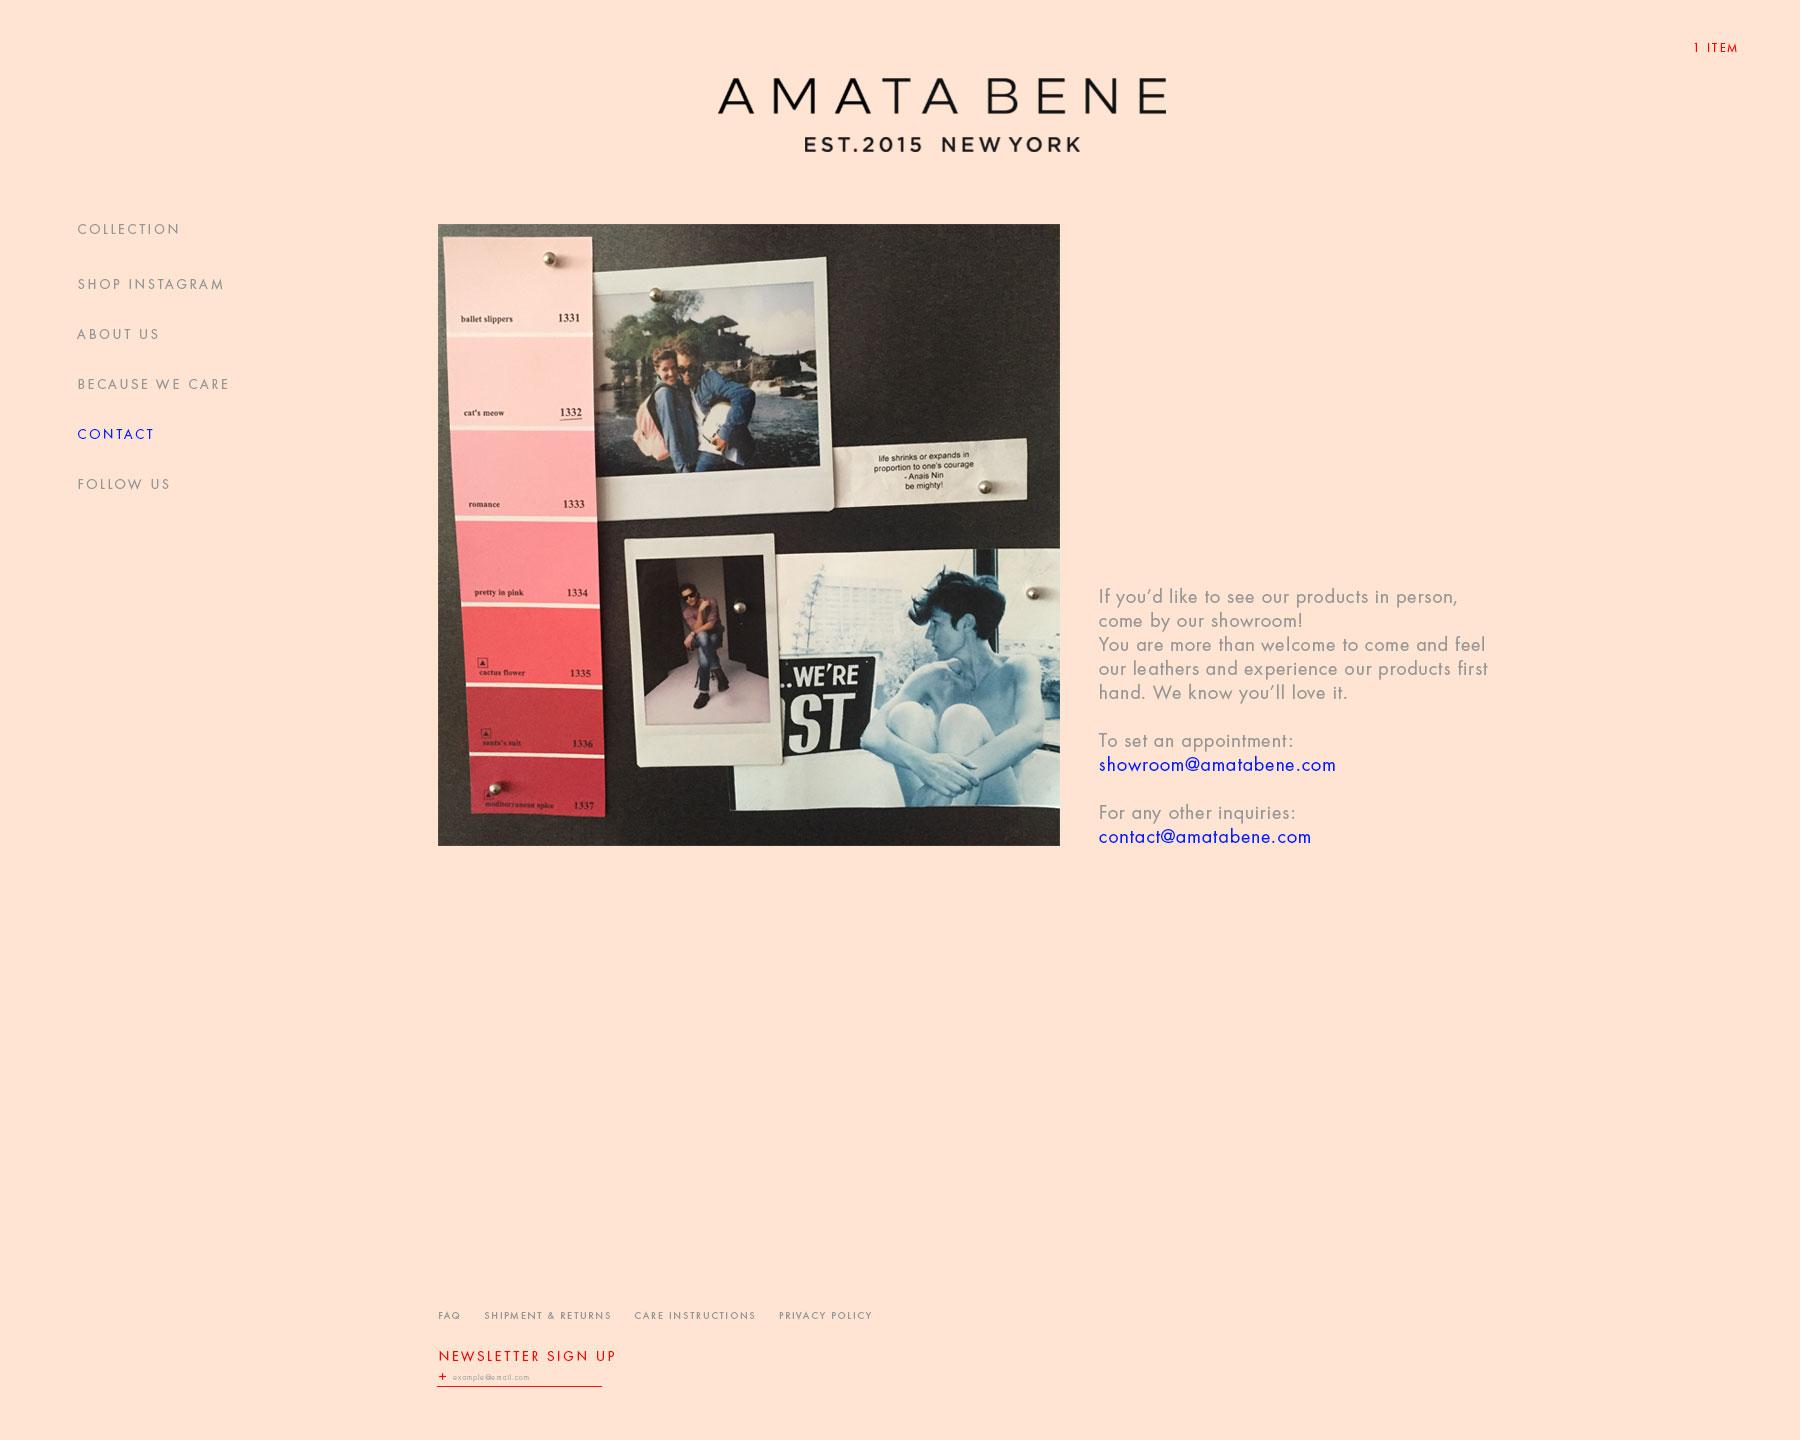 8AmataBene_contact.jpg